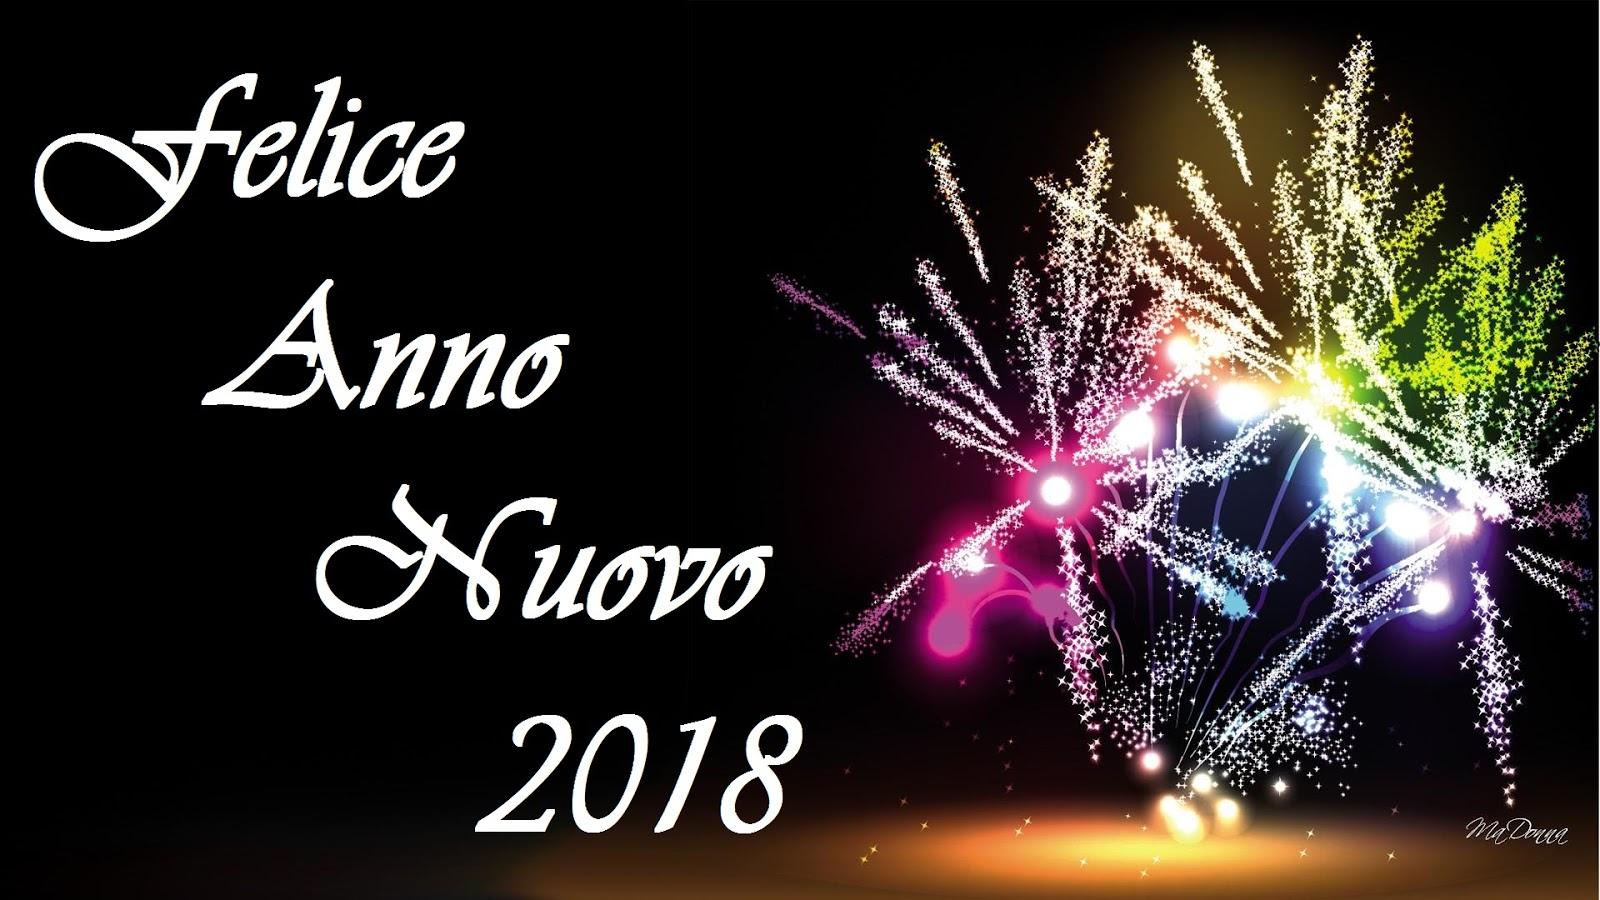 Feliz Ano Novo 2018 Imagensimagens Do Feliz Ano Novo 2018